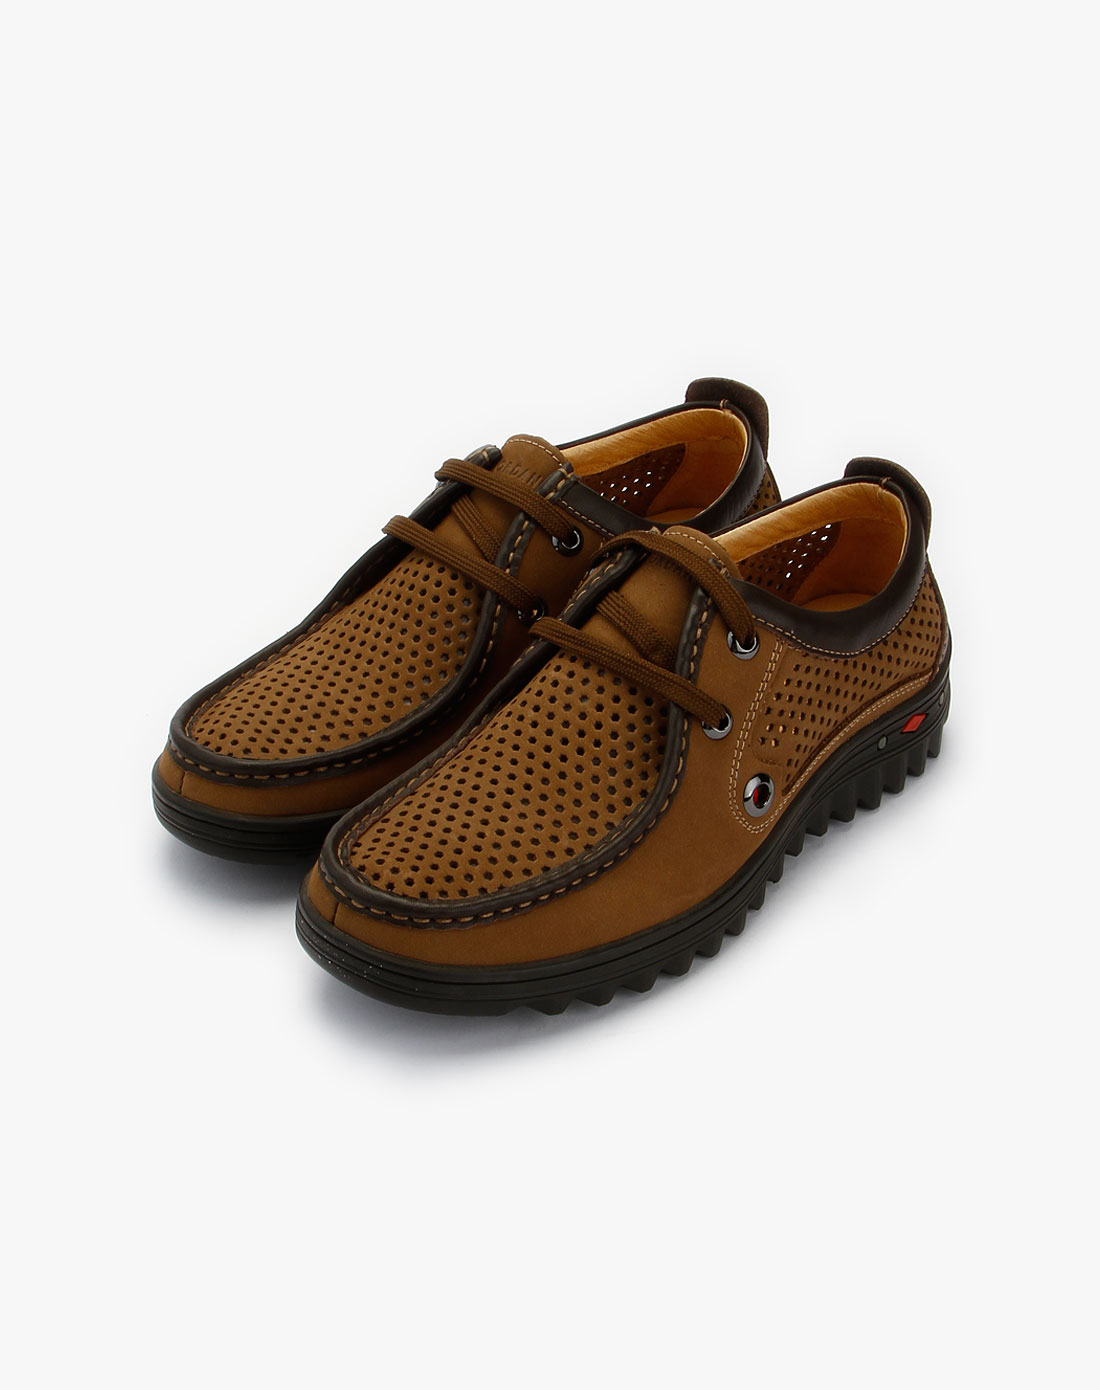 卡其/棕色镂空绑带休闲皮鞋